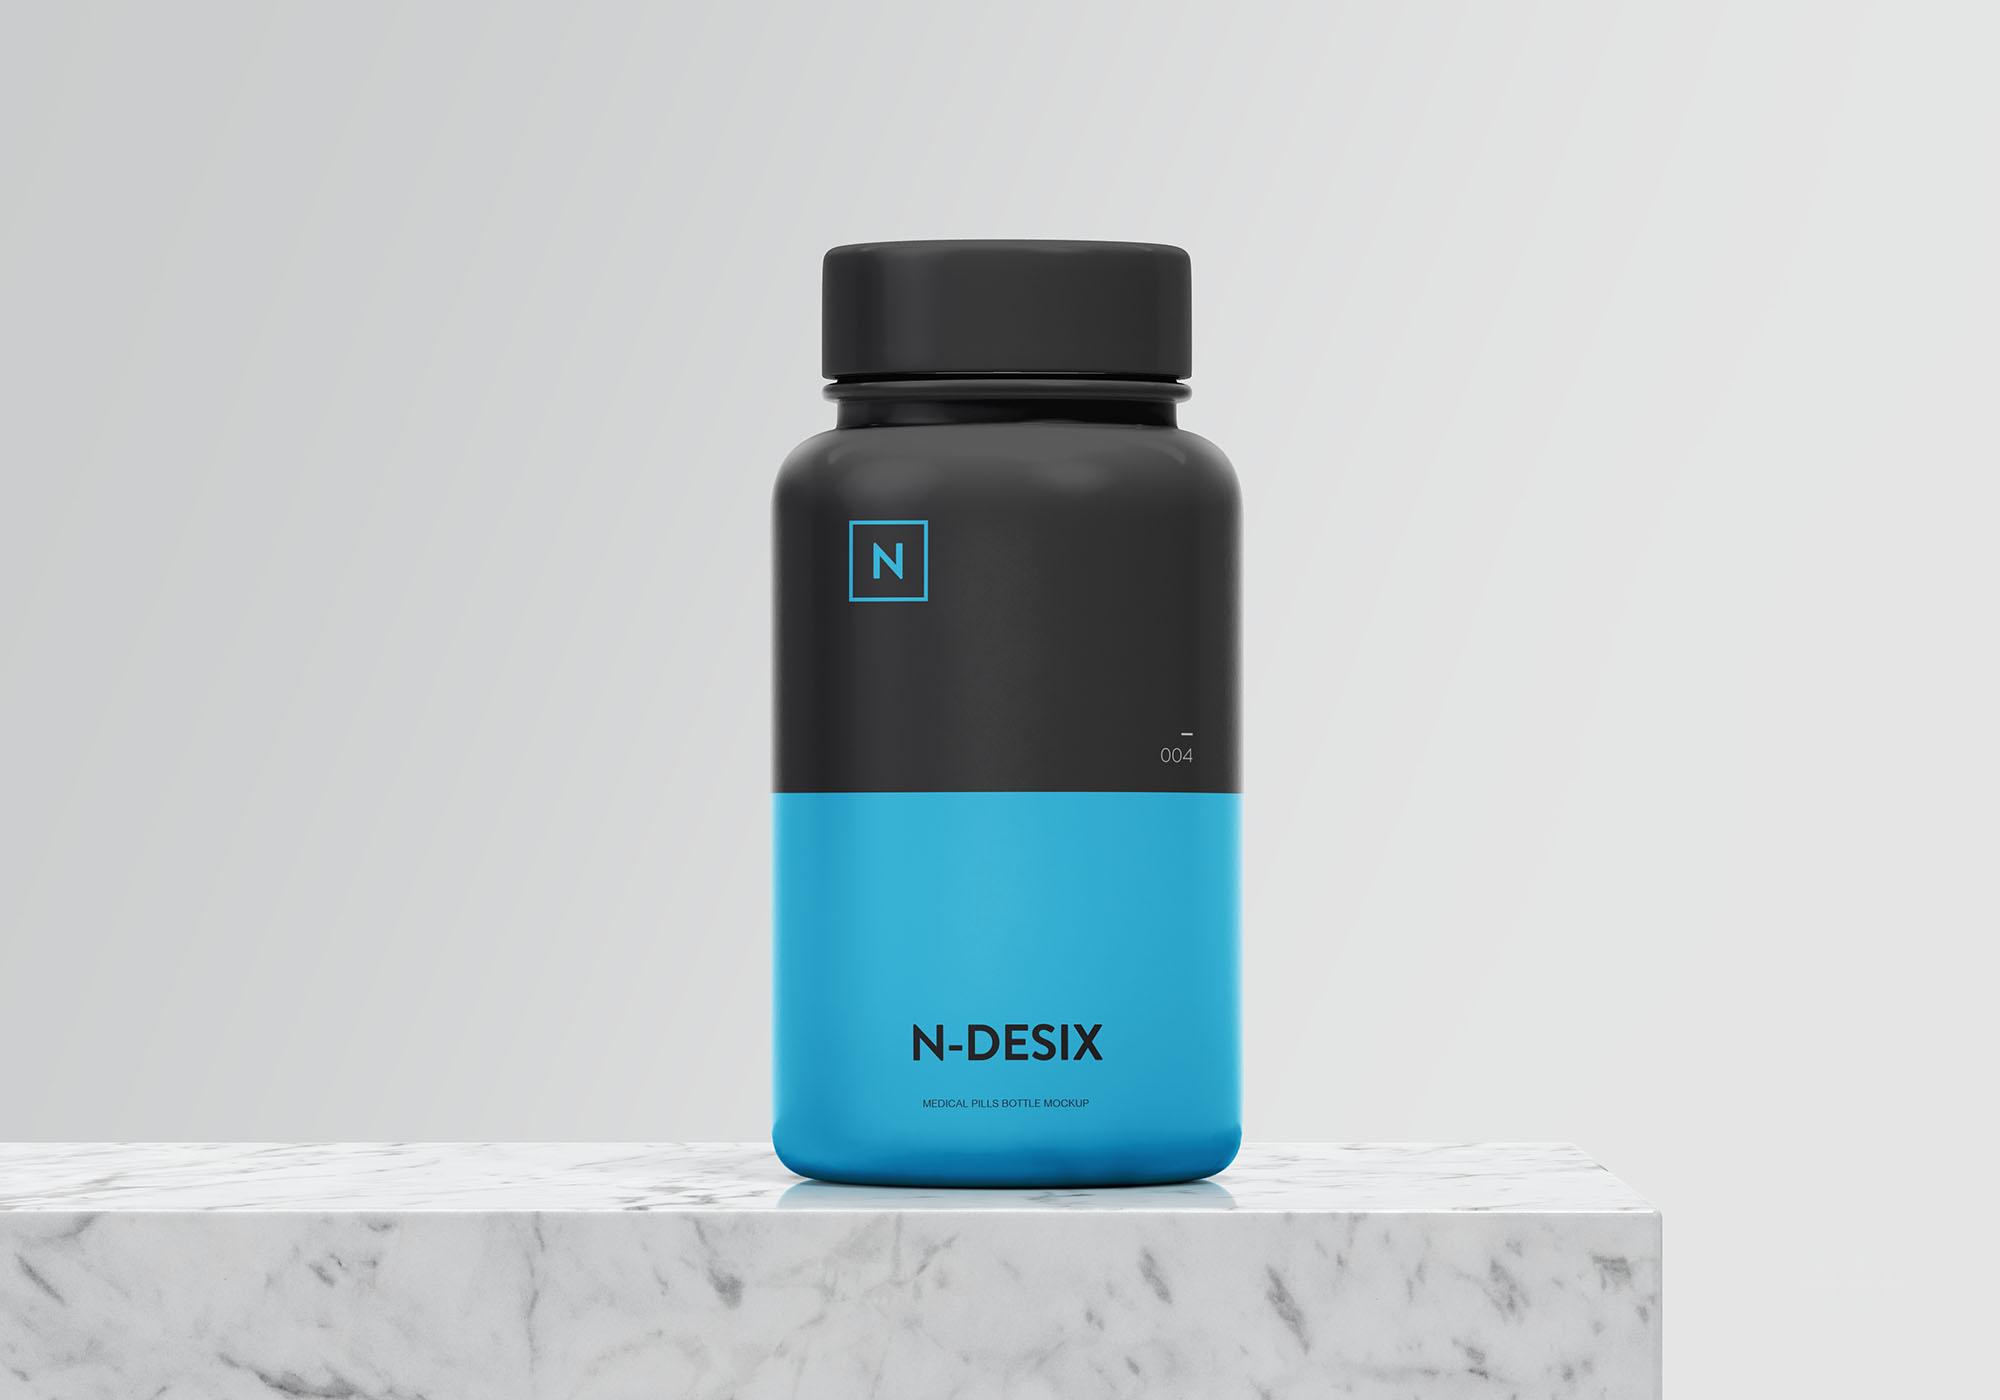 高品质药瓶、塑料瓶子模型 - PSD源文件素材下载